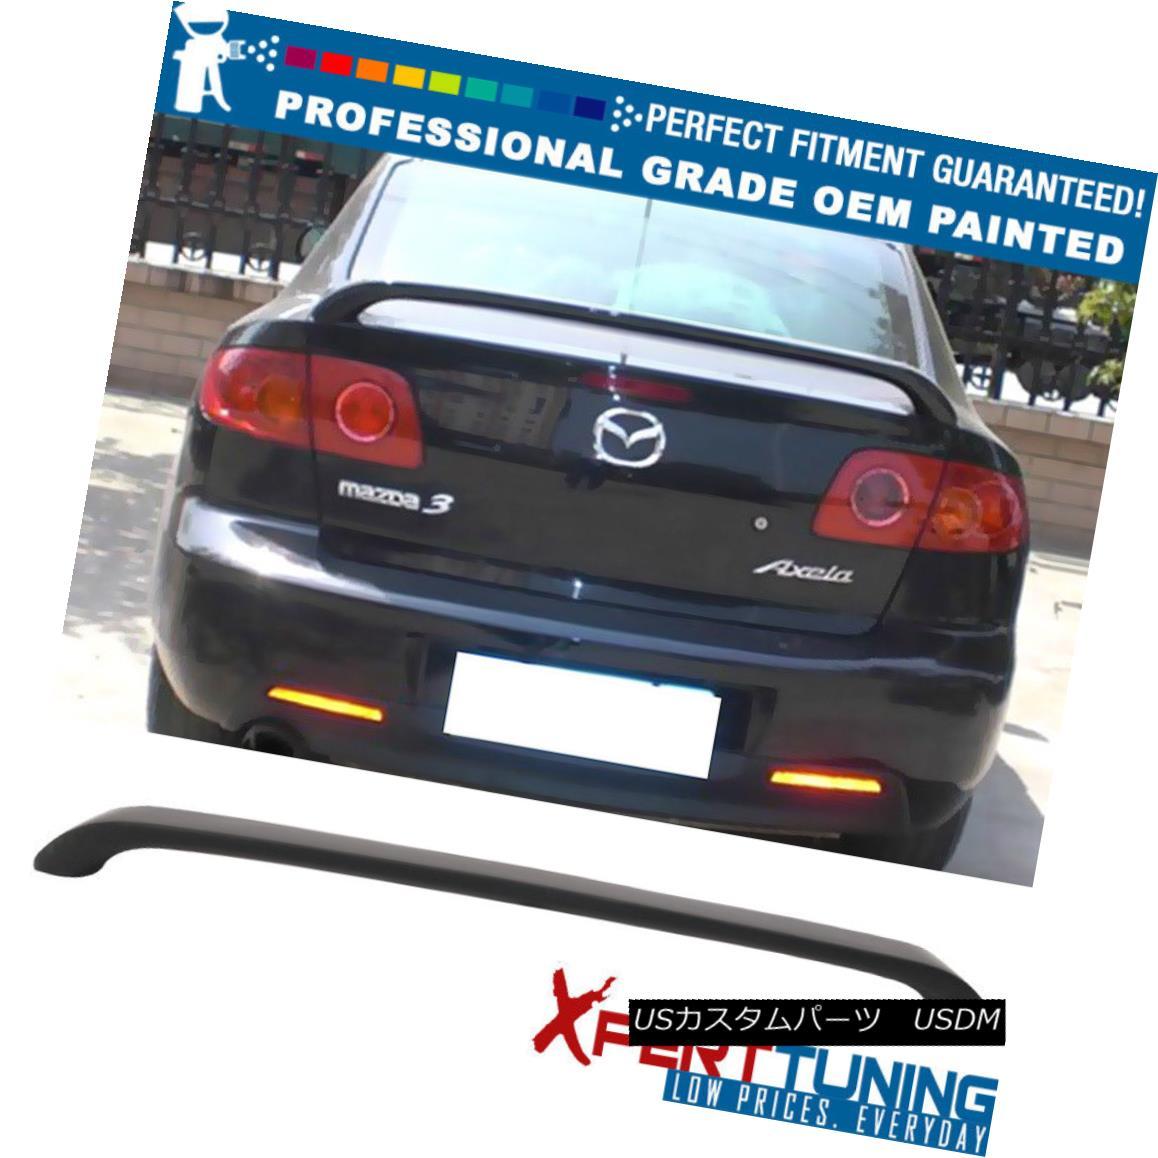 エアロパーツ Fit 04-09 Mazda 3 Mazda3 Sedan OE Factory Trunk Spoiler Wing - OEM Painted Color フィット04-09マツダ3 Mazda3セダンOE工場トランクスポイラーウィング - OEM塗装カラー